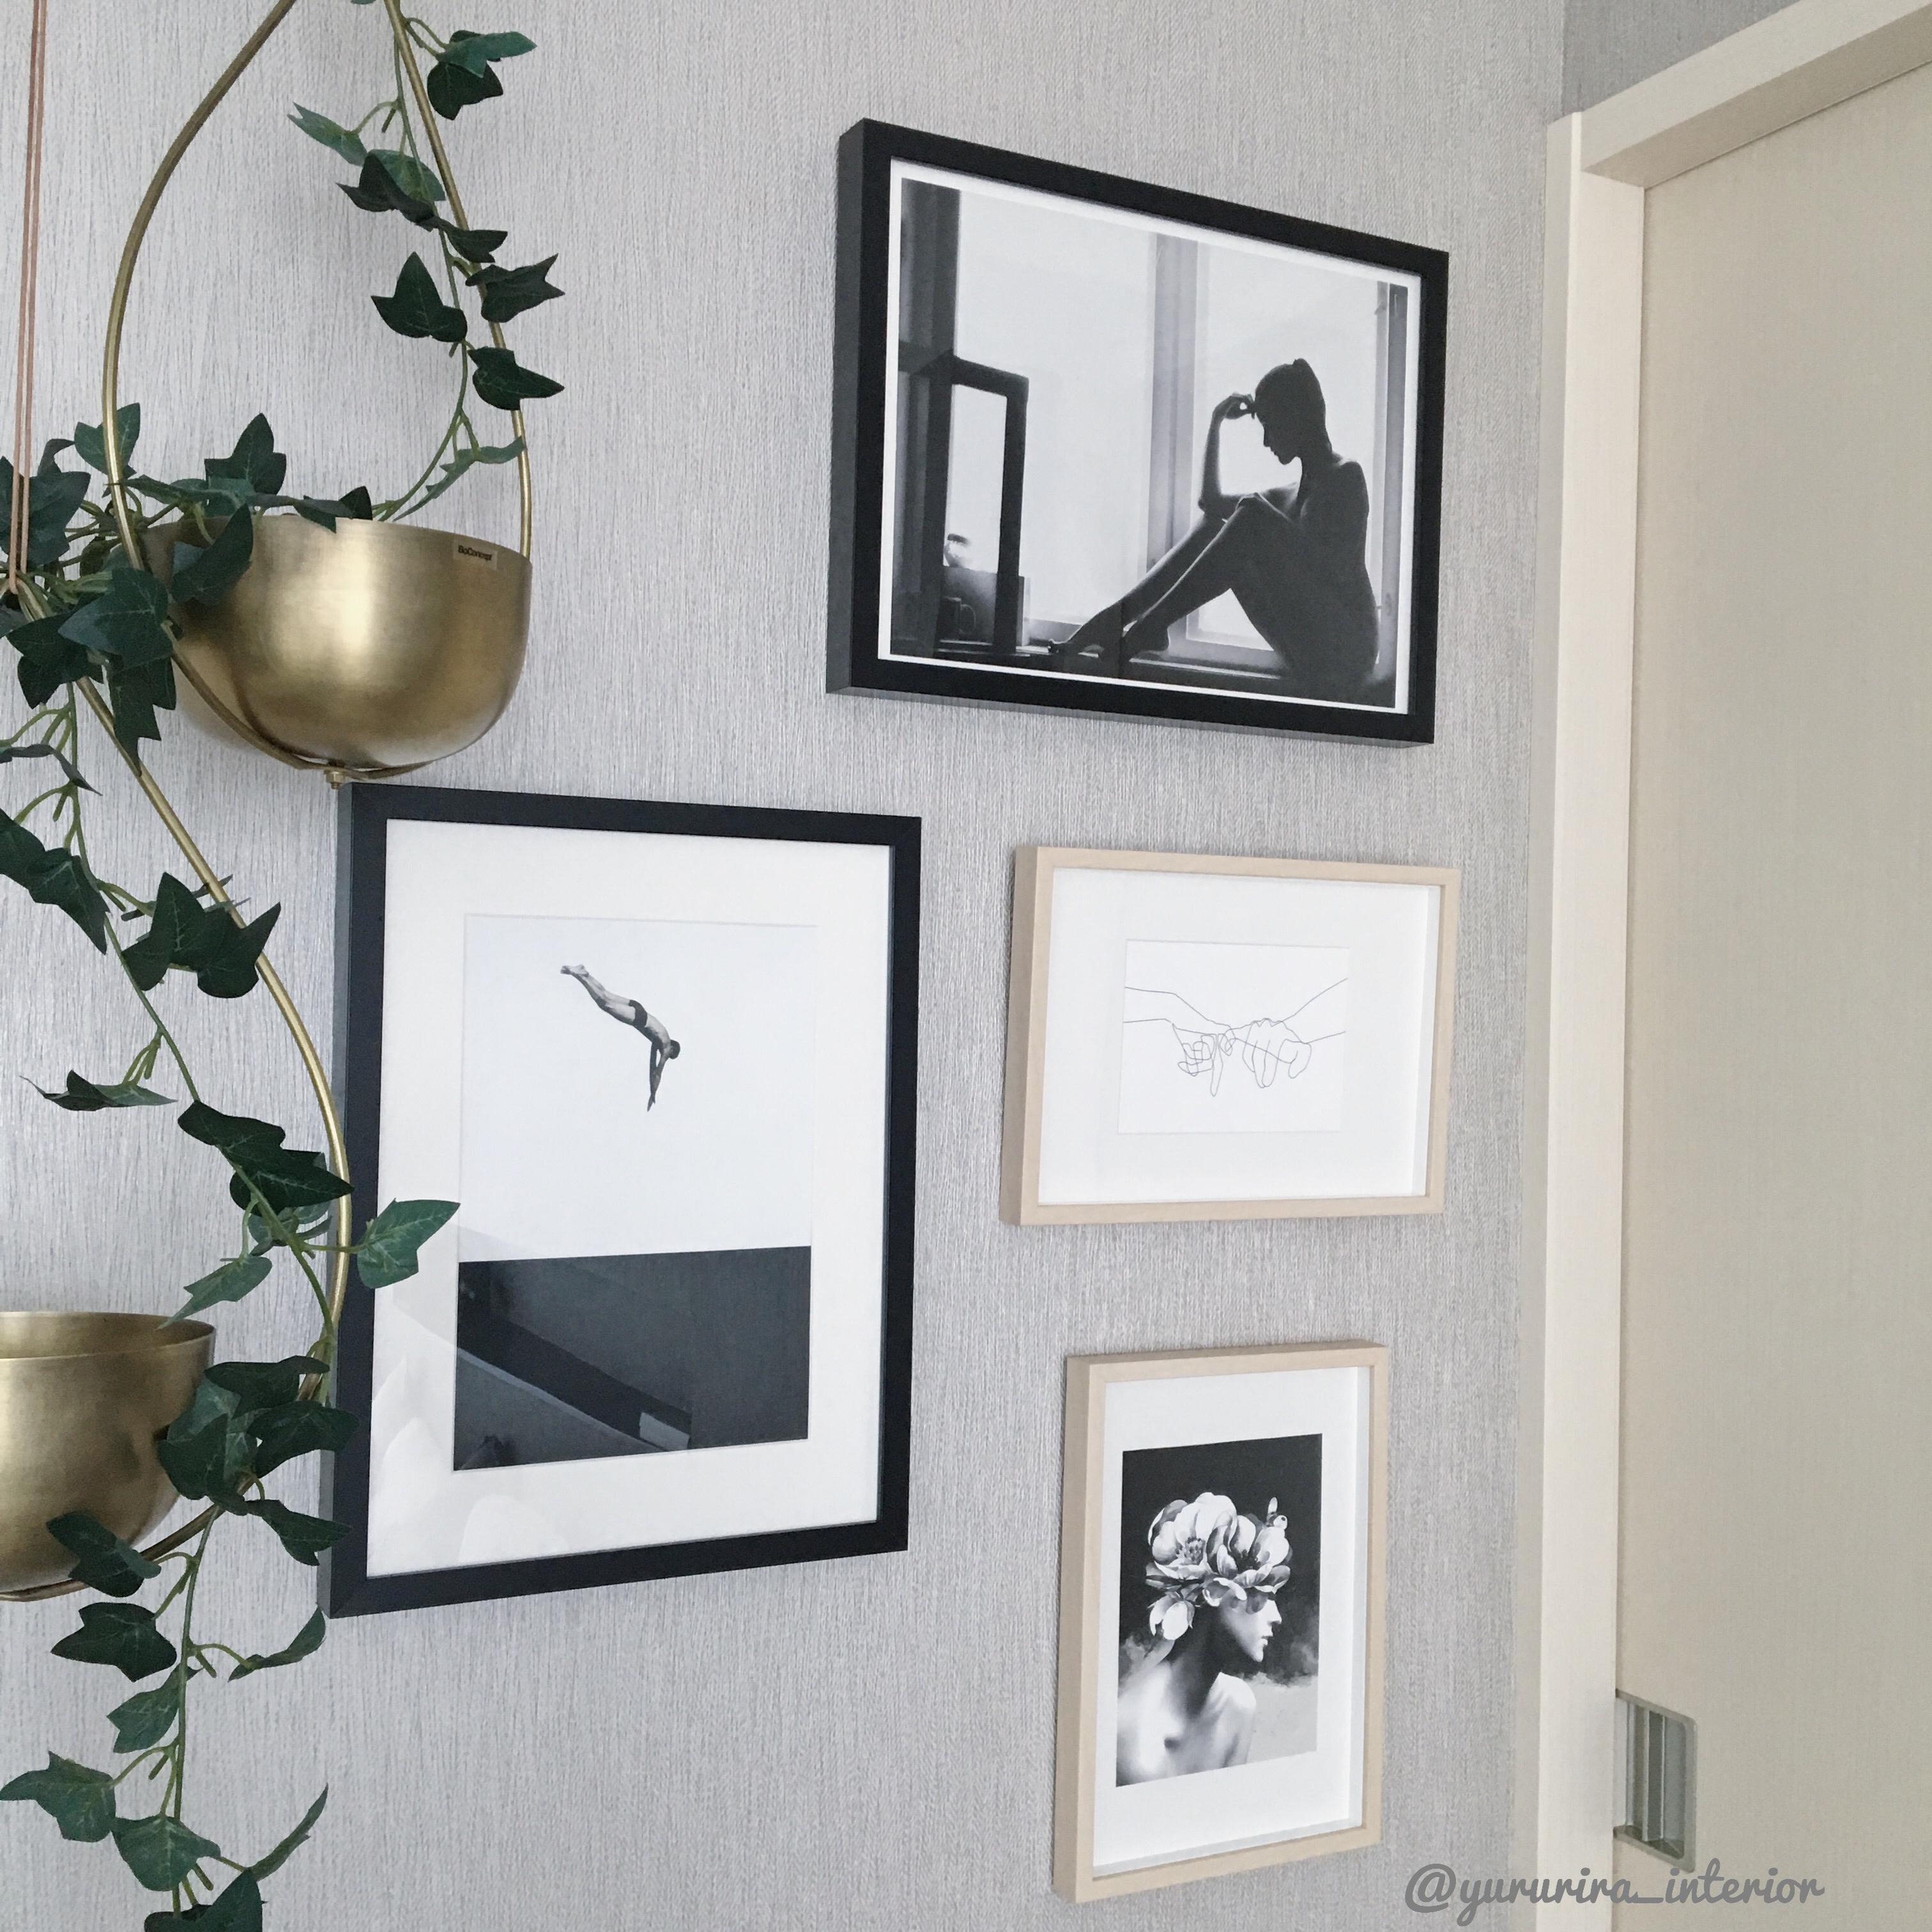 海外ポスター×IKEAフレームで飾る主寝室の壁面